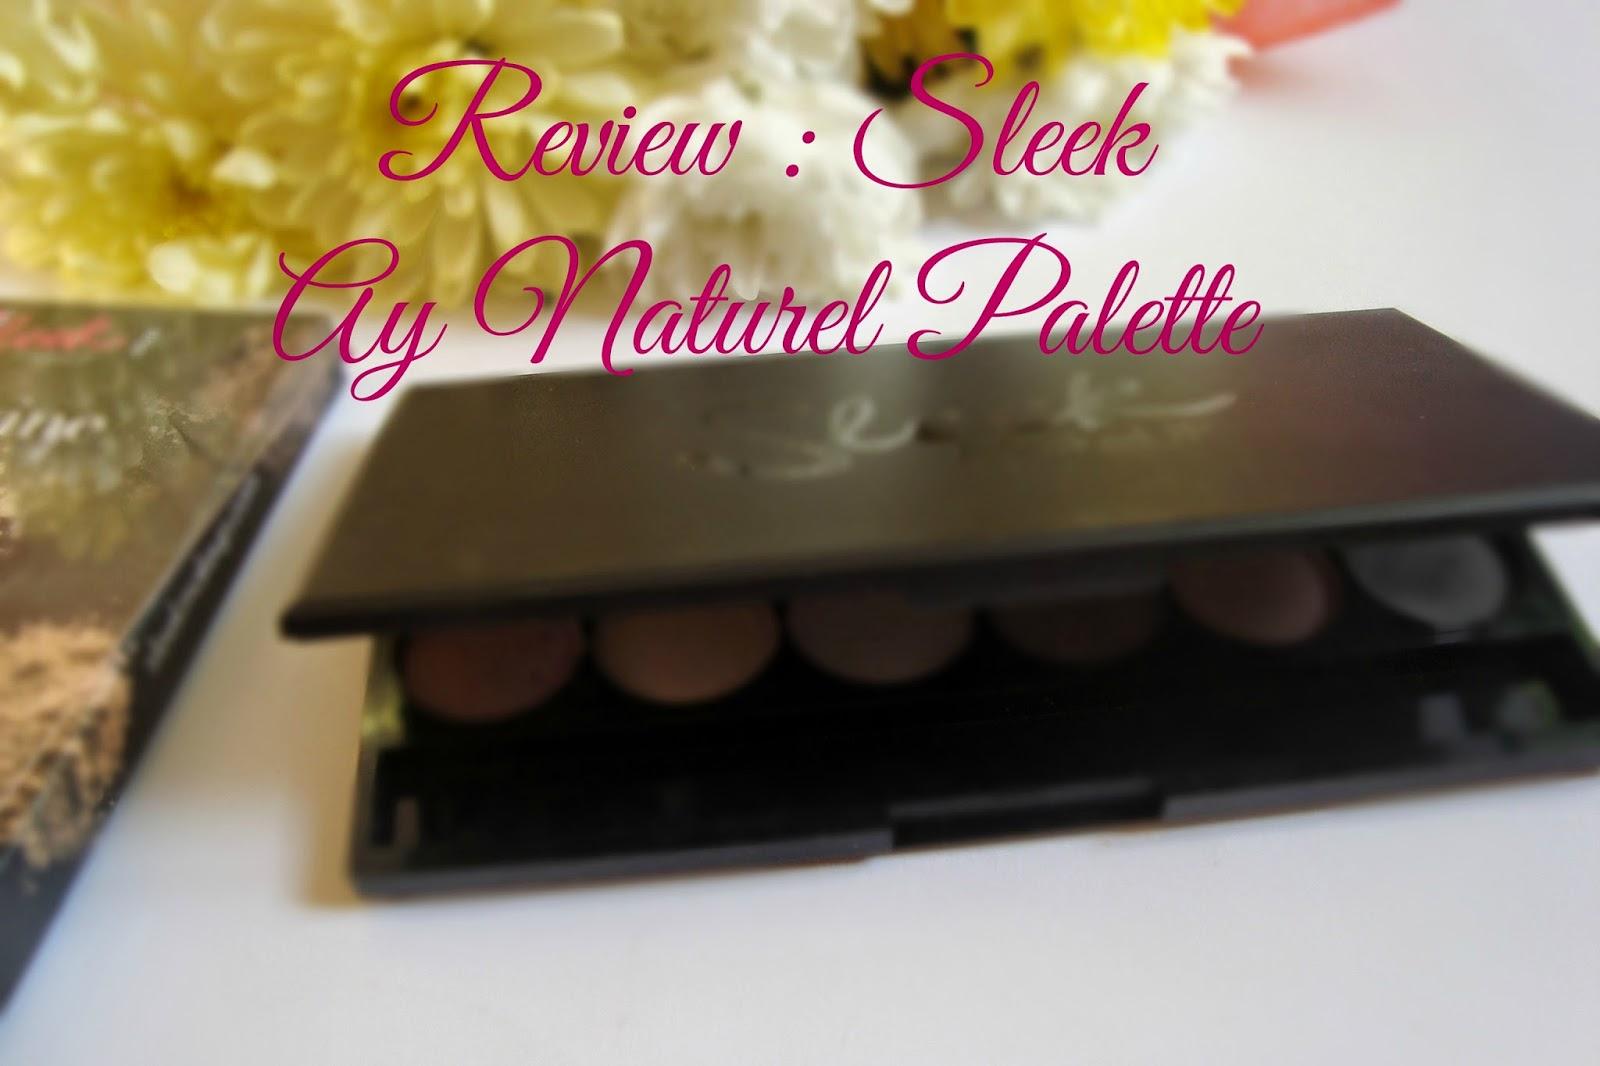 Sleek Ay Naturel Palette review